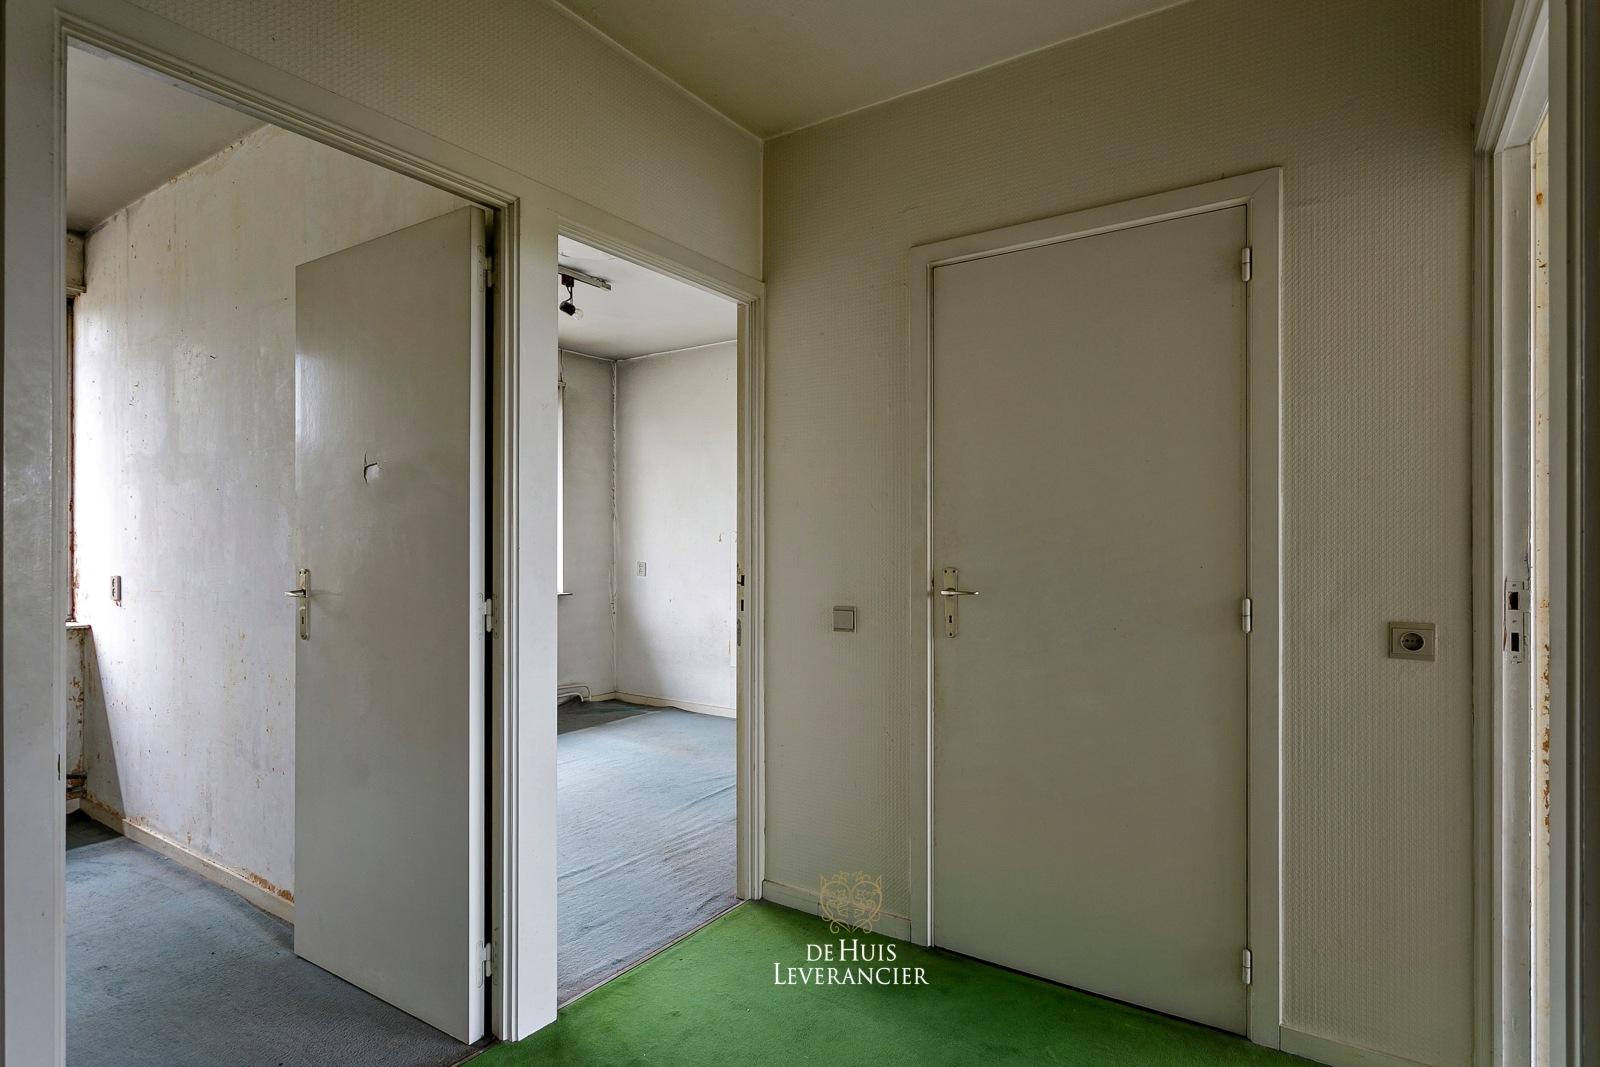 Bel-étage Edegem 2650